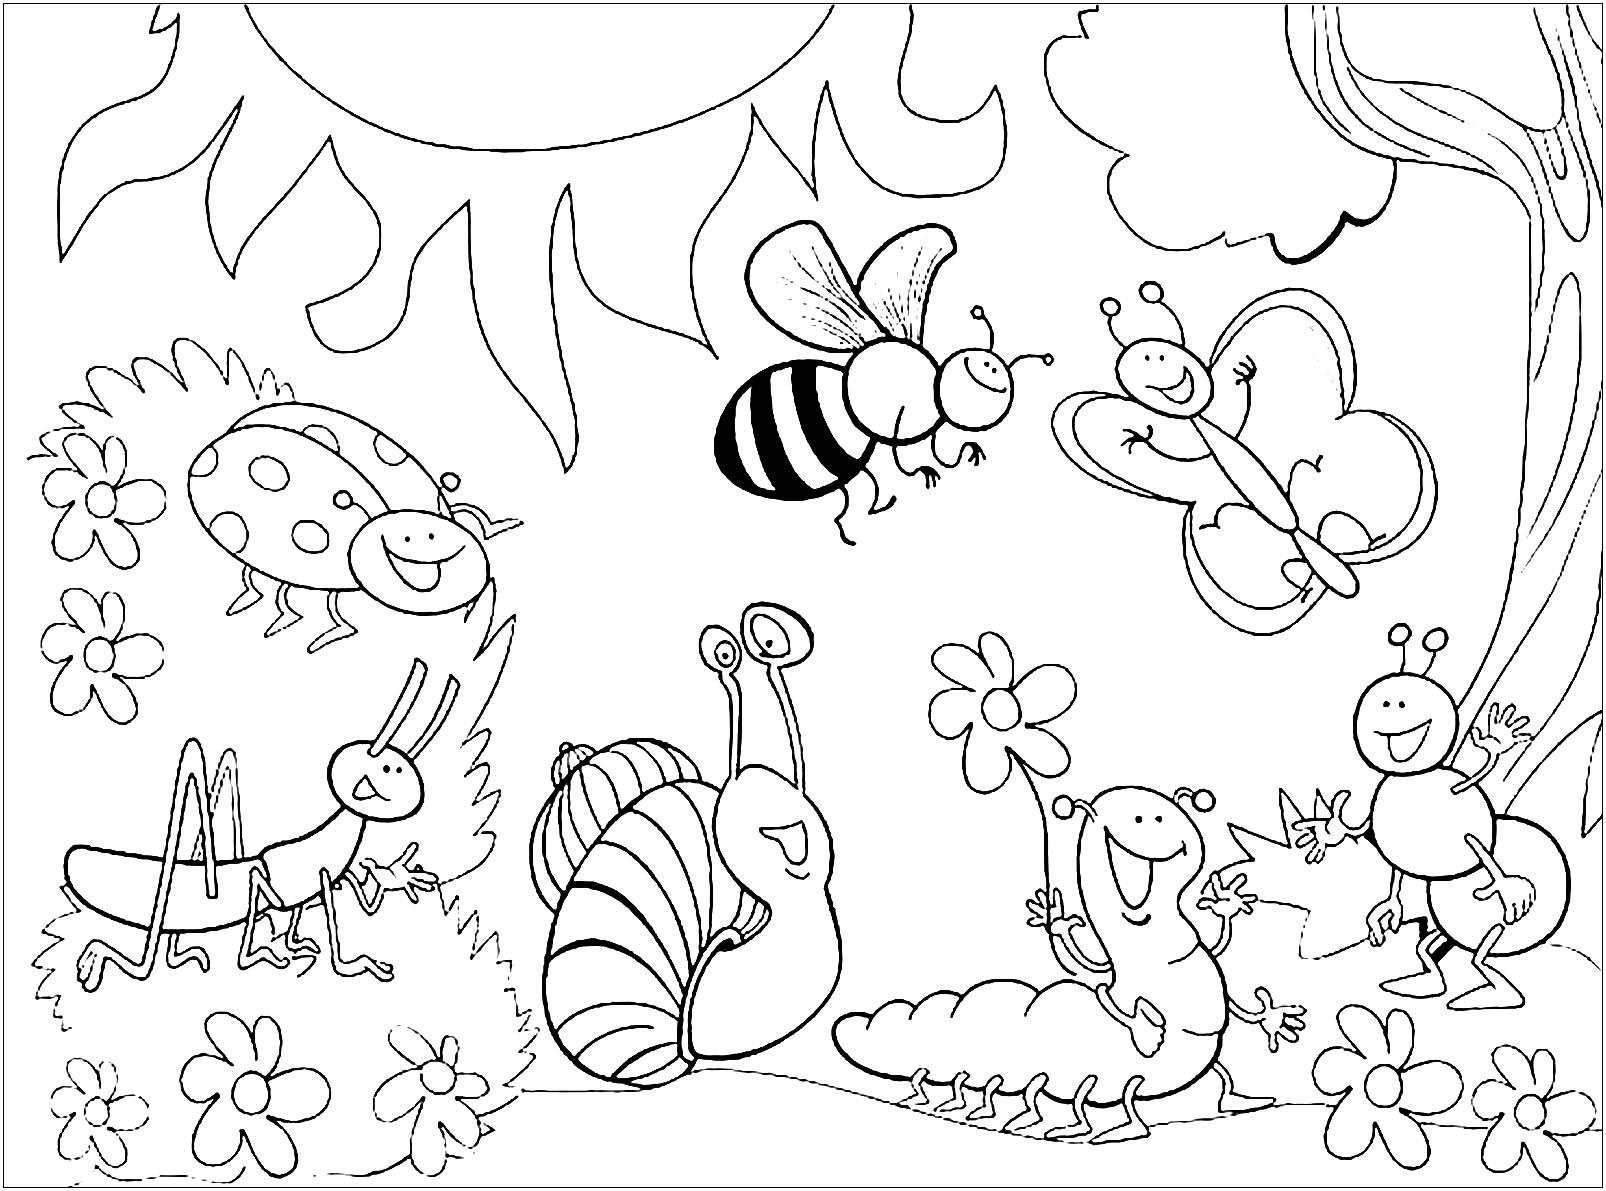 Nature Coloriage D Insectes Fourmis Araignees Abeilles Coloriages Pour Enfants